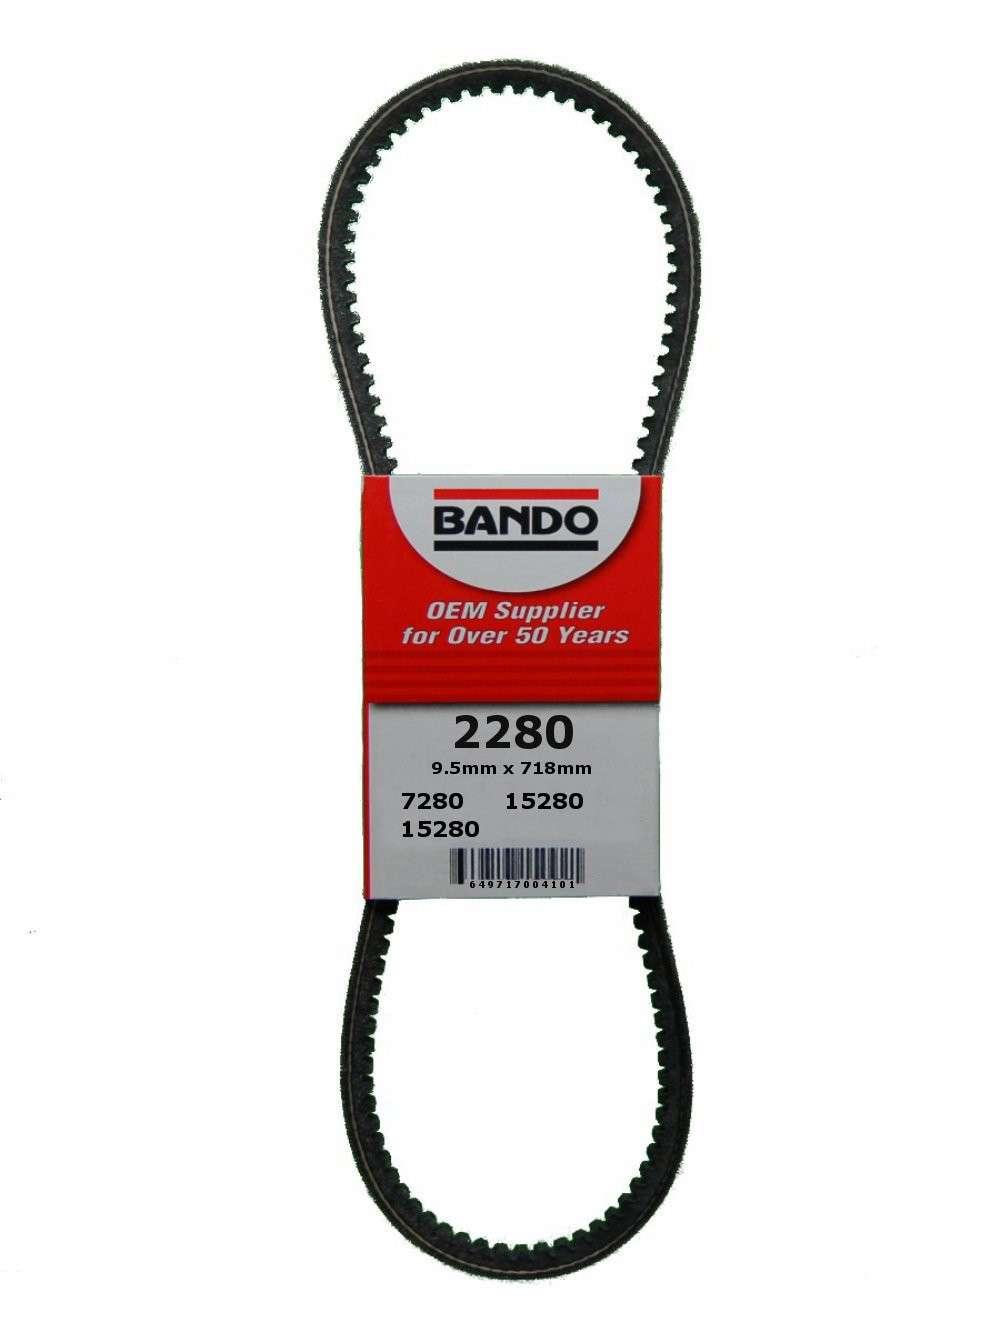 BANDO - Accessory Drive Belt - BWO 2280